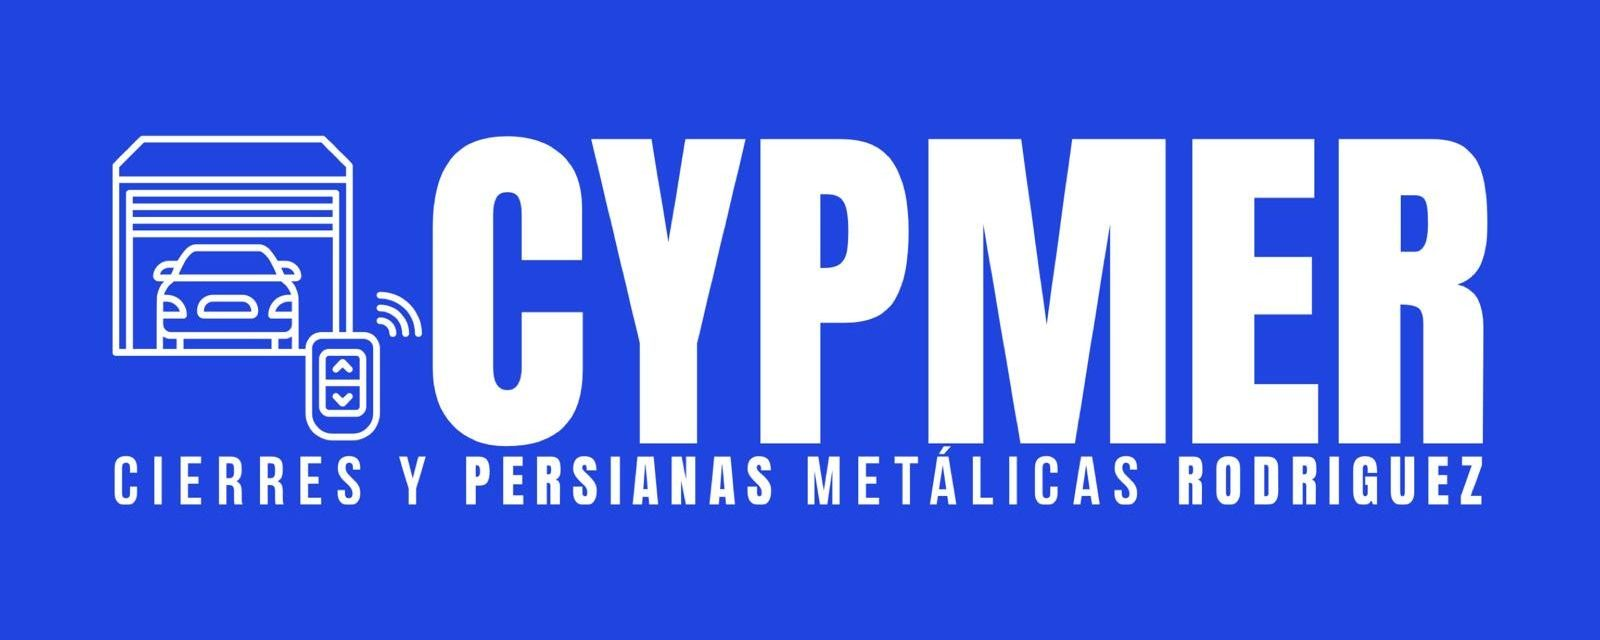 CIERRES Y PERSIANAS METALICAS RODRIGUEZ